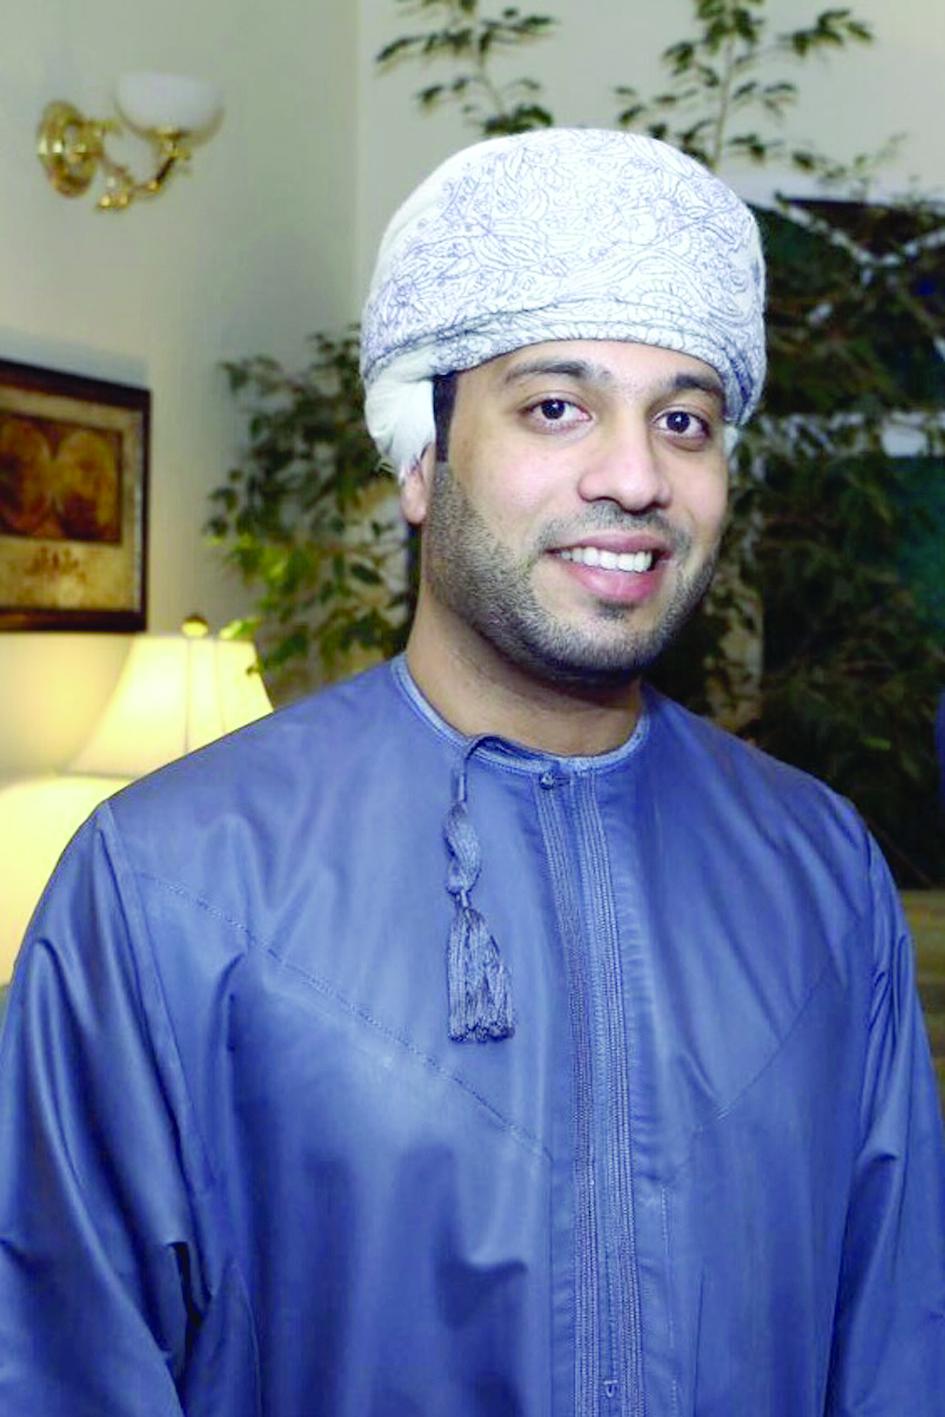 علــي آل رحمــة:الســوق حافـل بالتحديـات وعلى الشباب تطوير مهاراتهم